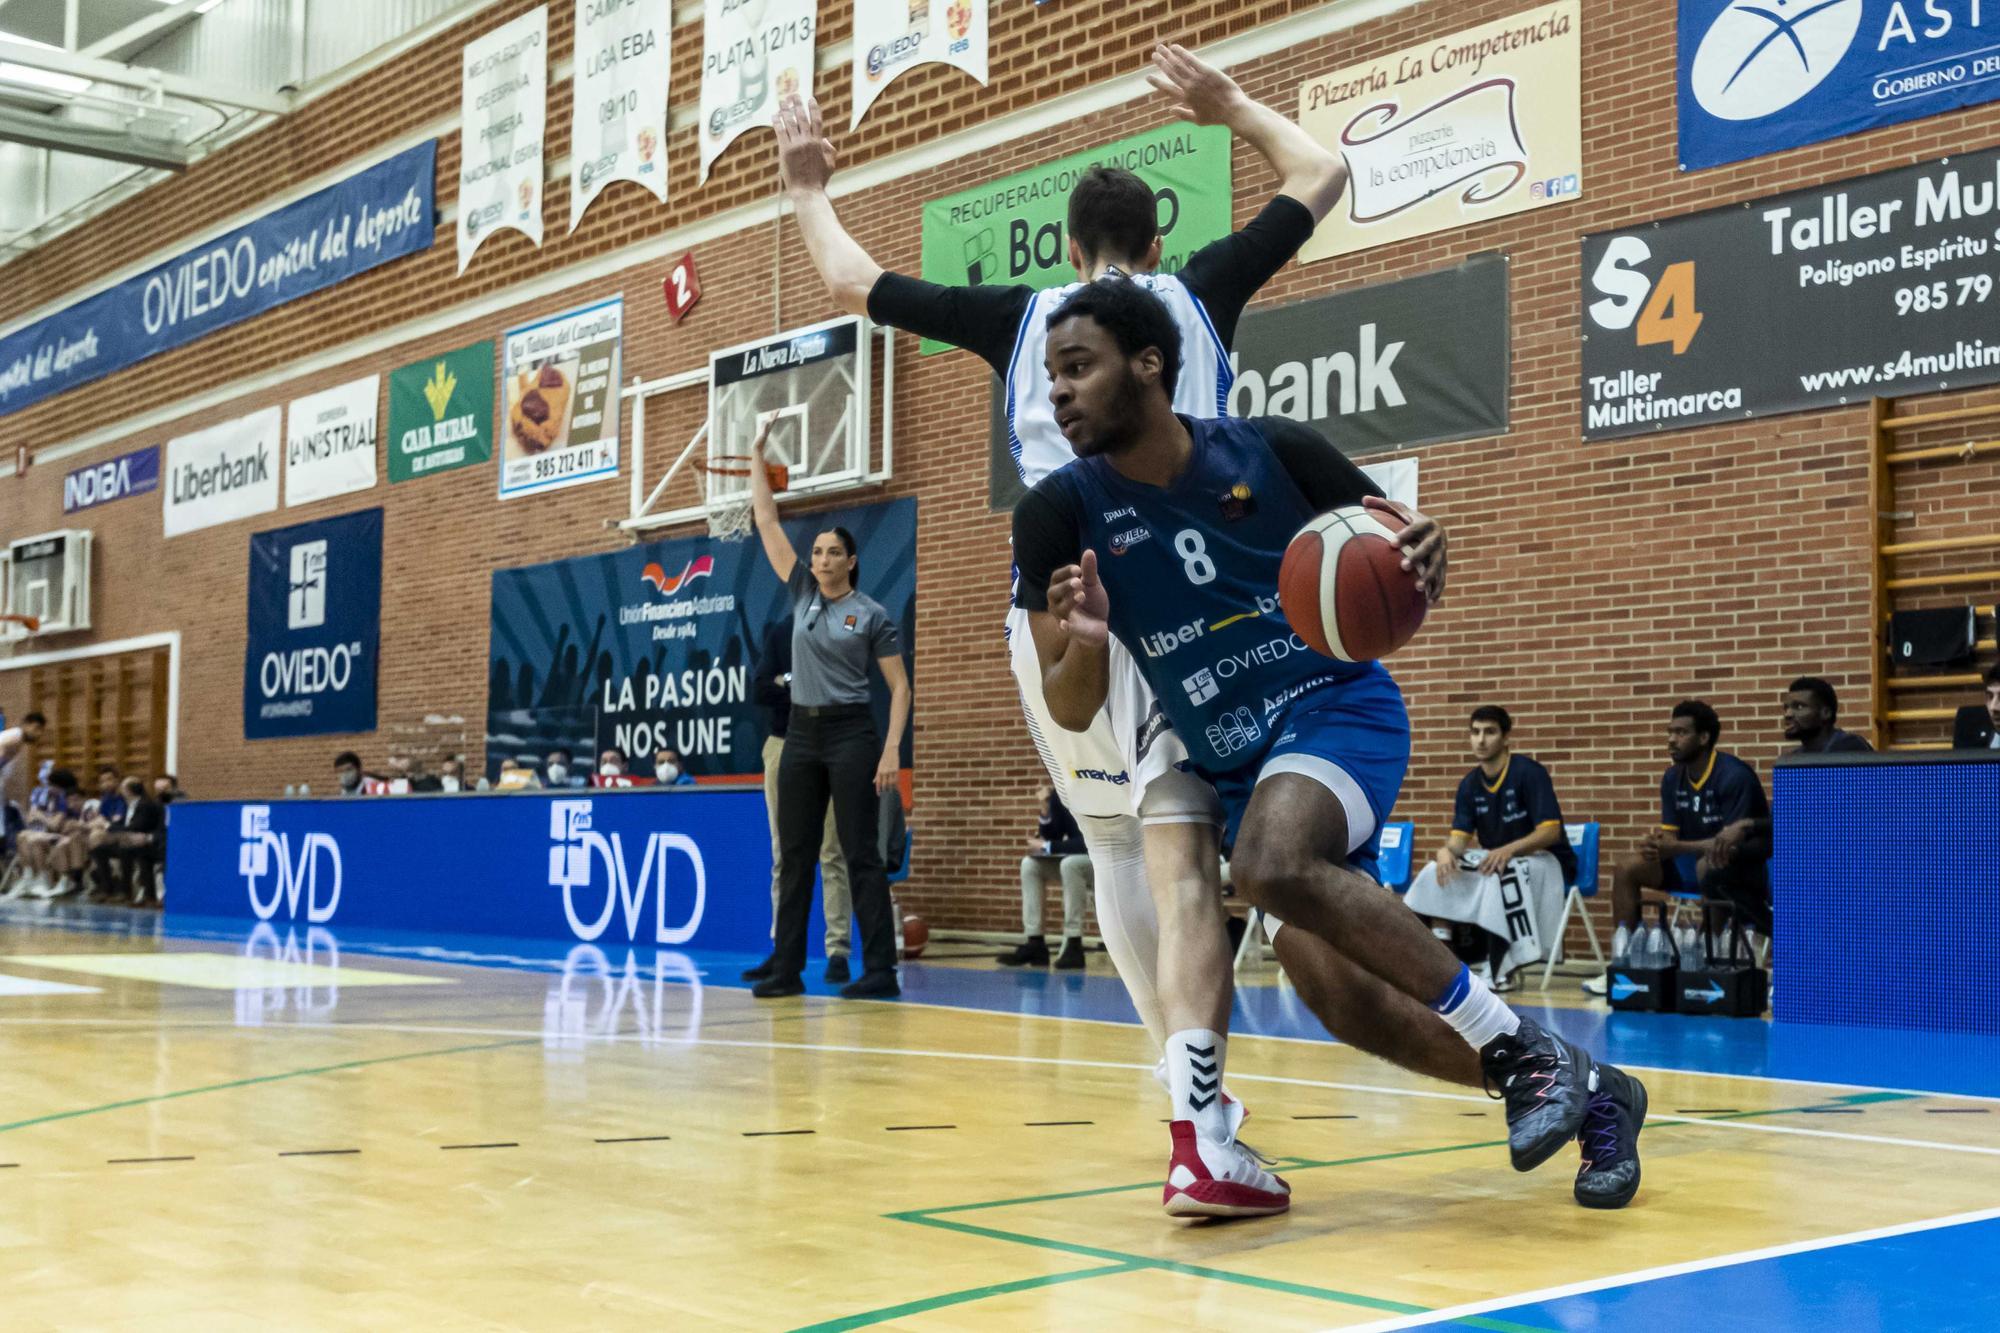 Las imágenes de la victoria del Liberbank Oviedo Baloncesto ante el Almansa que vale la clasificación para el play-off de ascenso a la ACB